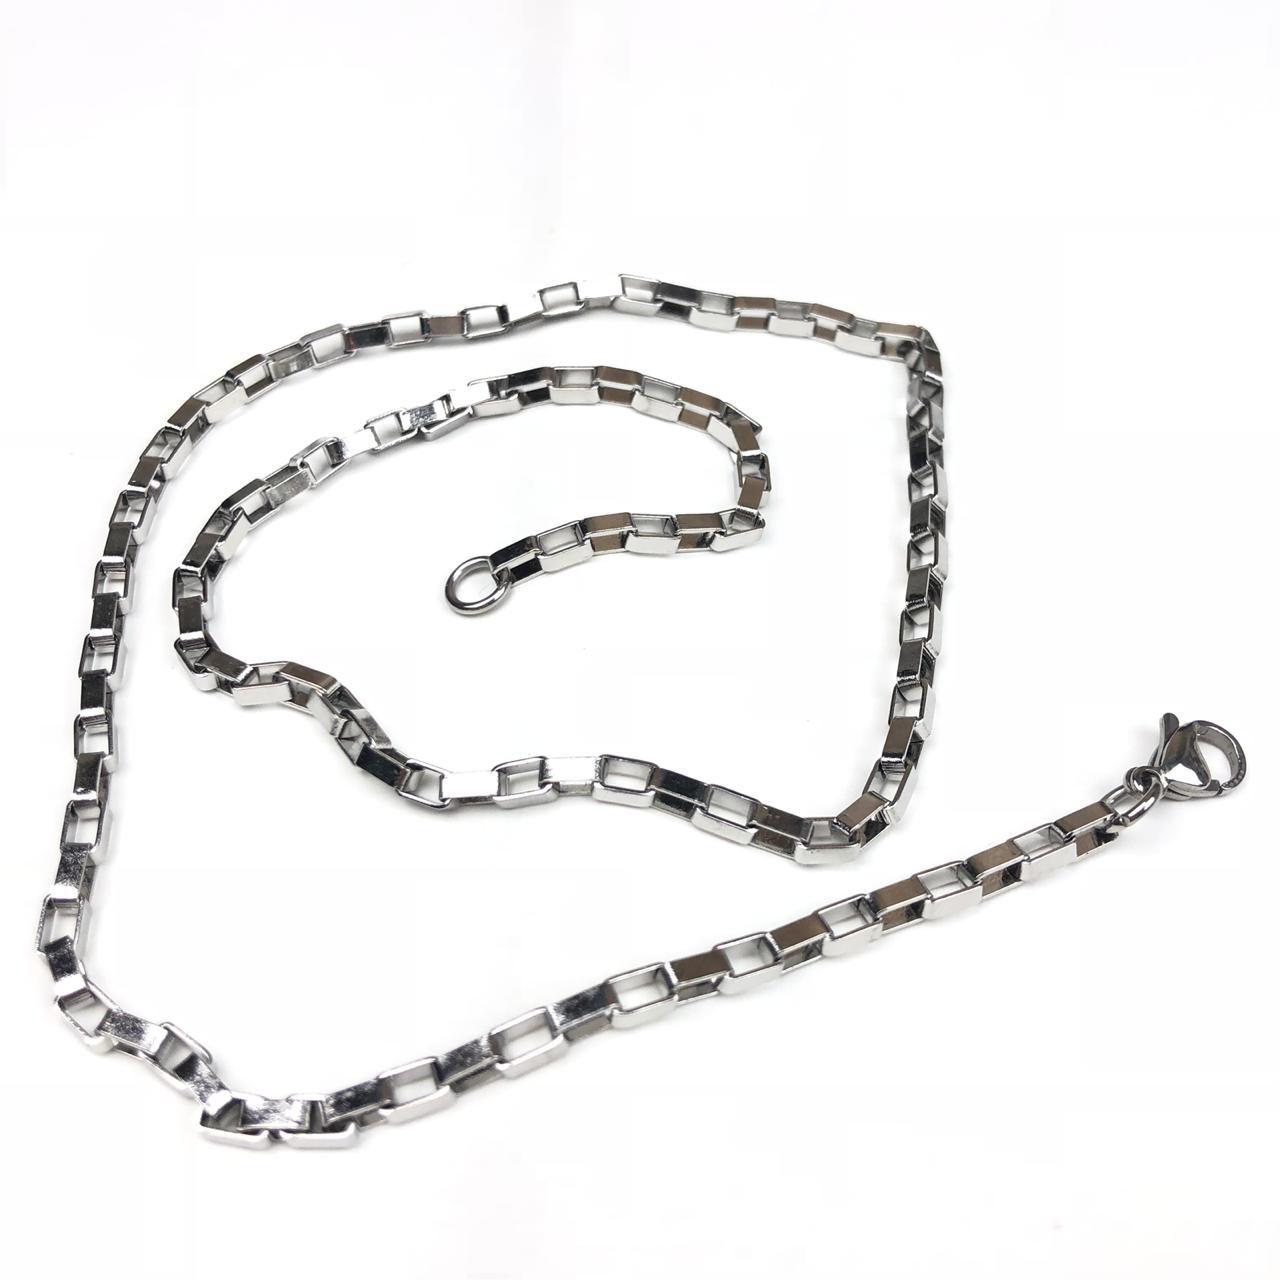 edc4595d30c Corrente Masculina de Aço Inox Prata 55cm - Diamante Rosa Shop ...